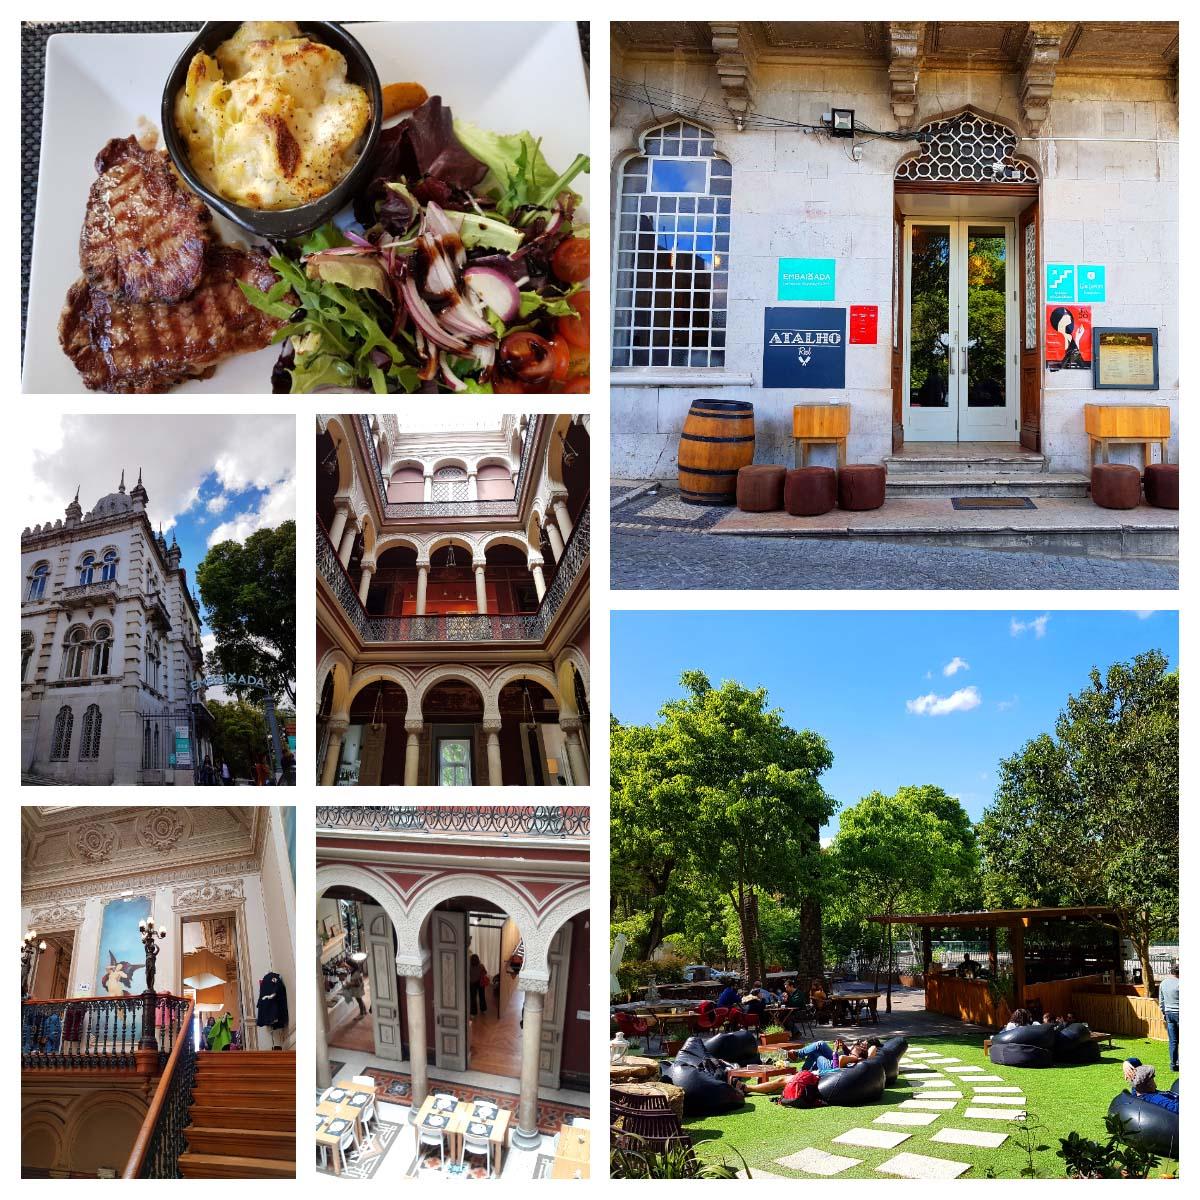 Dicas de passeios a pé e de onde comer em Lisboa